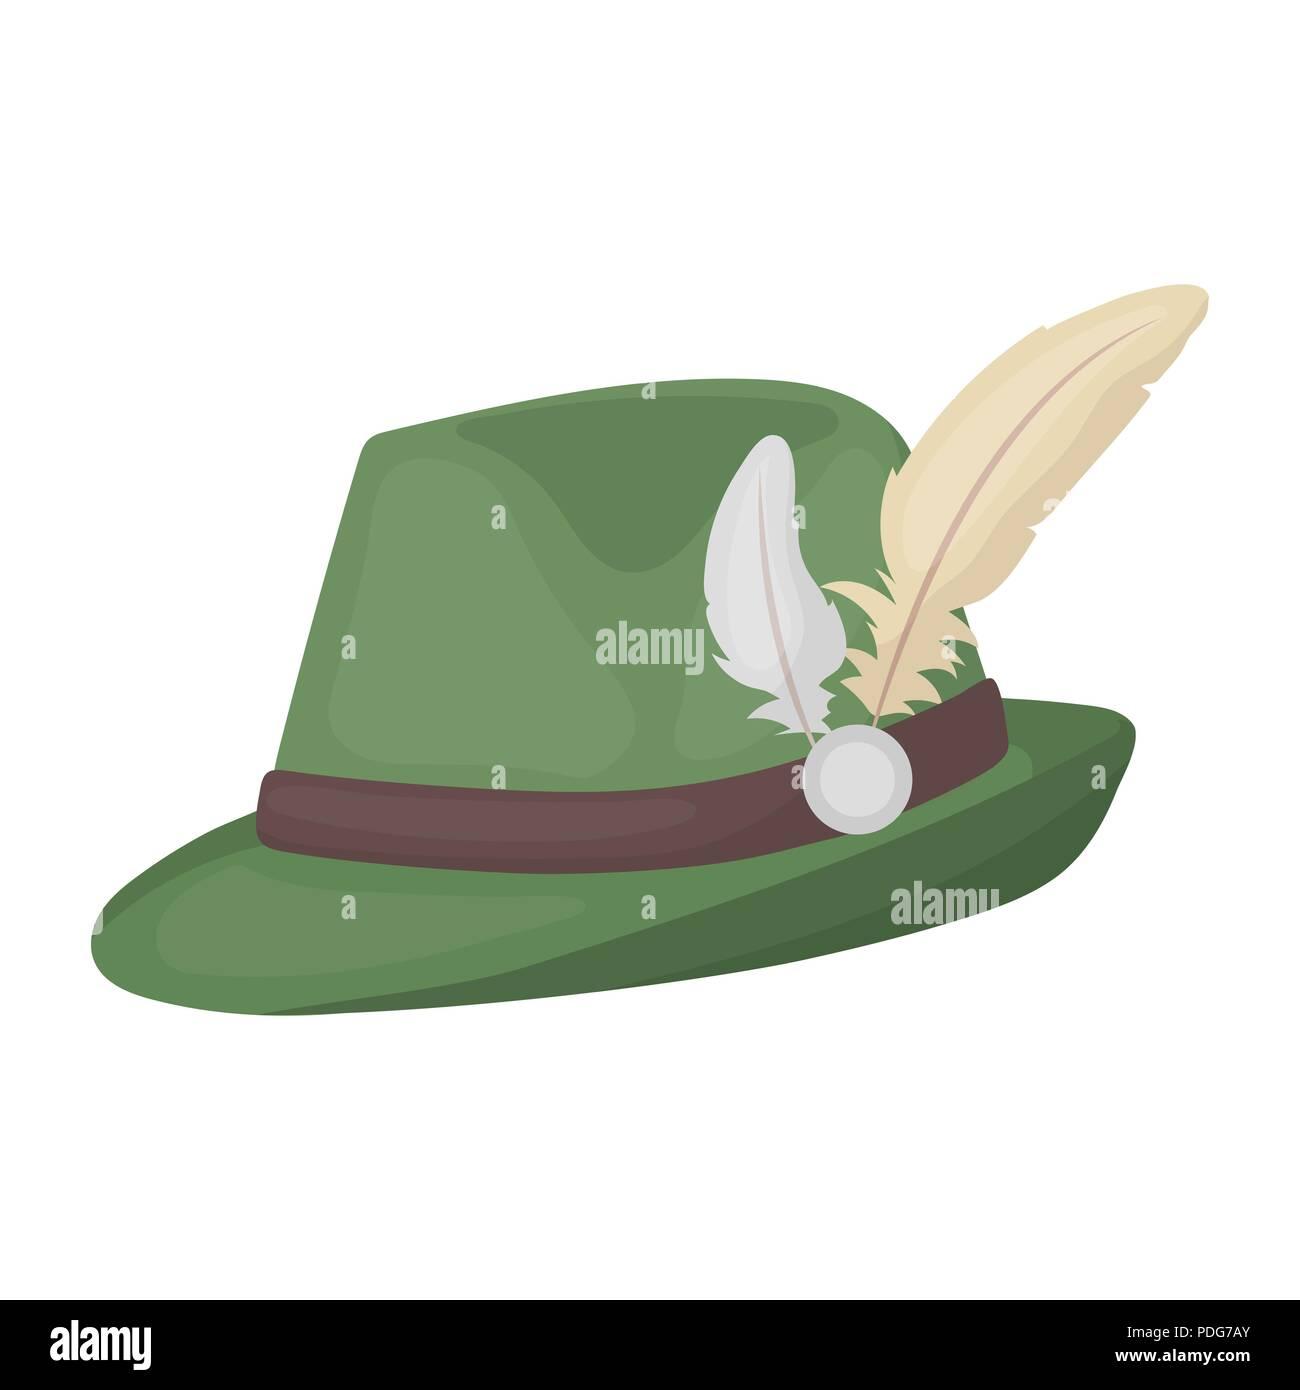 Cappello tirolese icona in stile cartoon isolati su sfondo bianco.  Oktoberfest simbolo illustrazione vettoriale. 41f182d3c83a